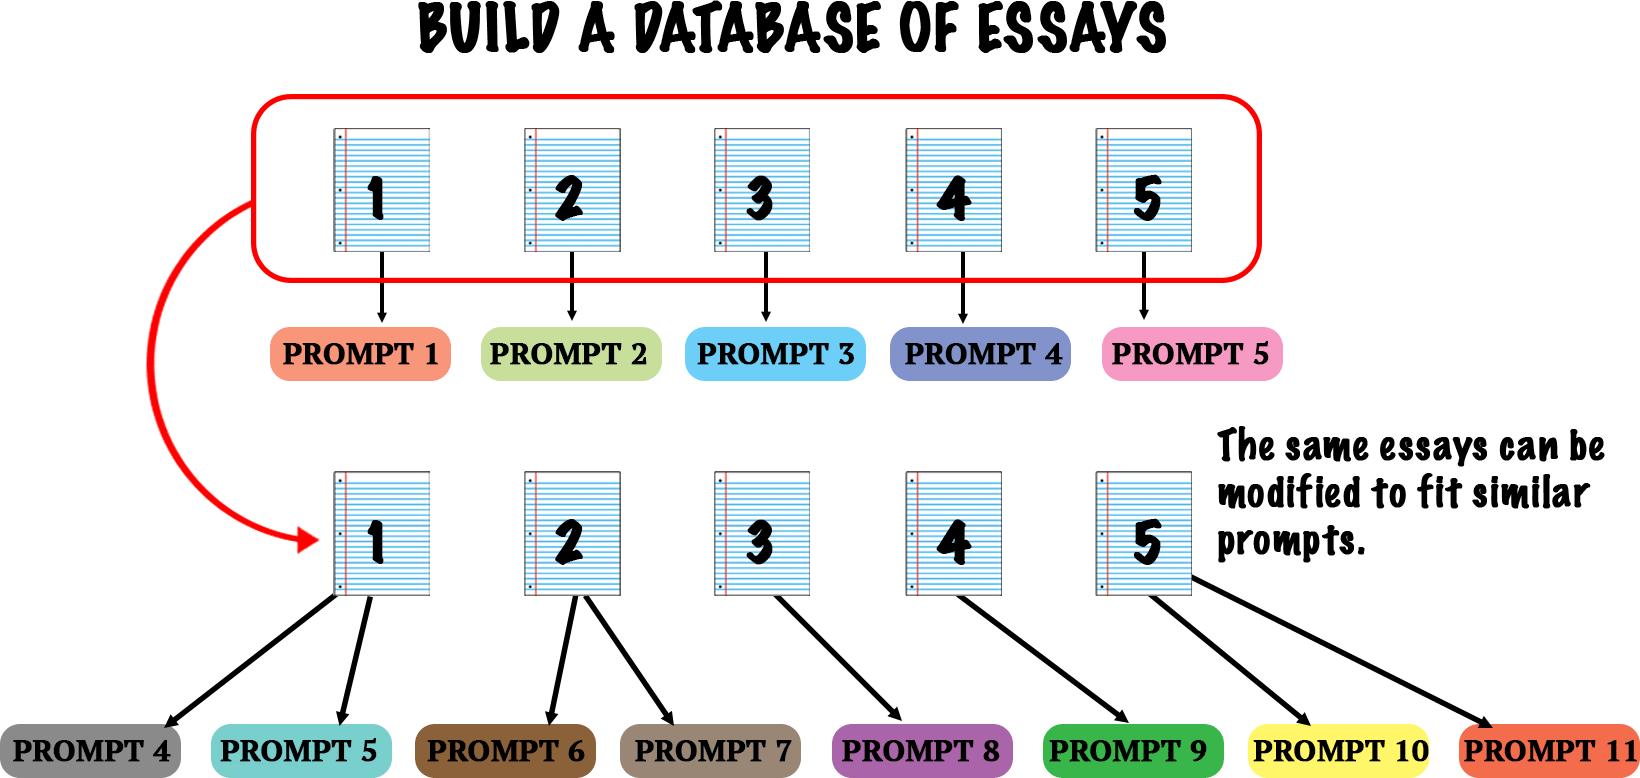 essay-database